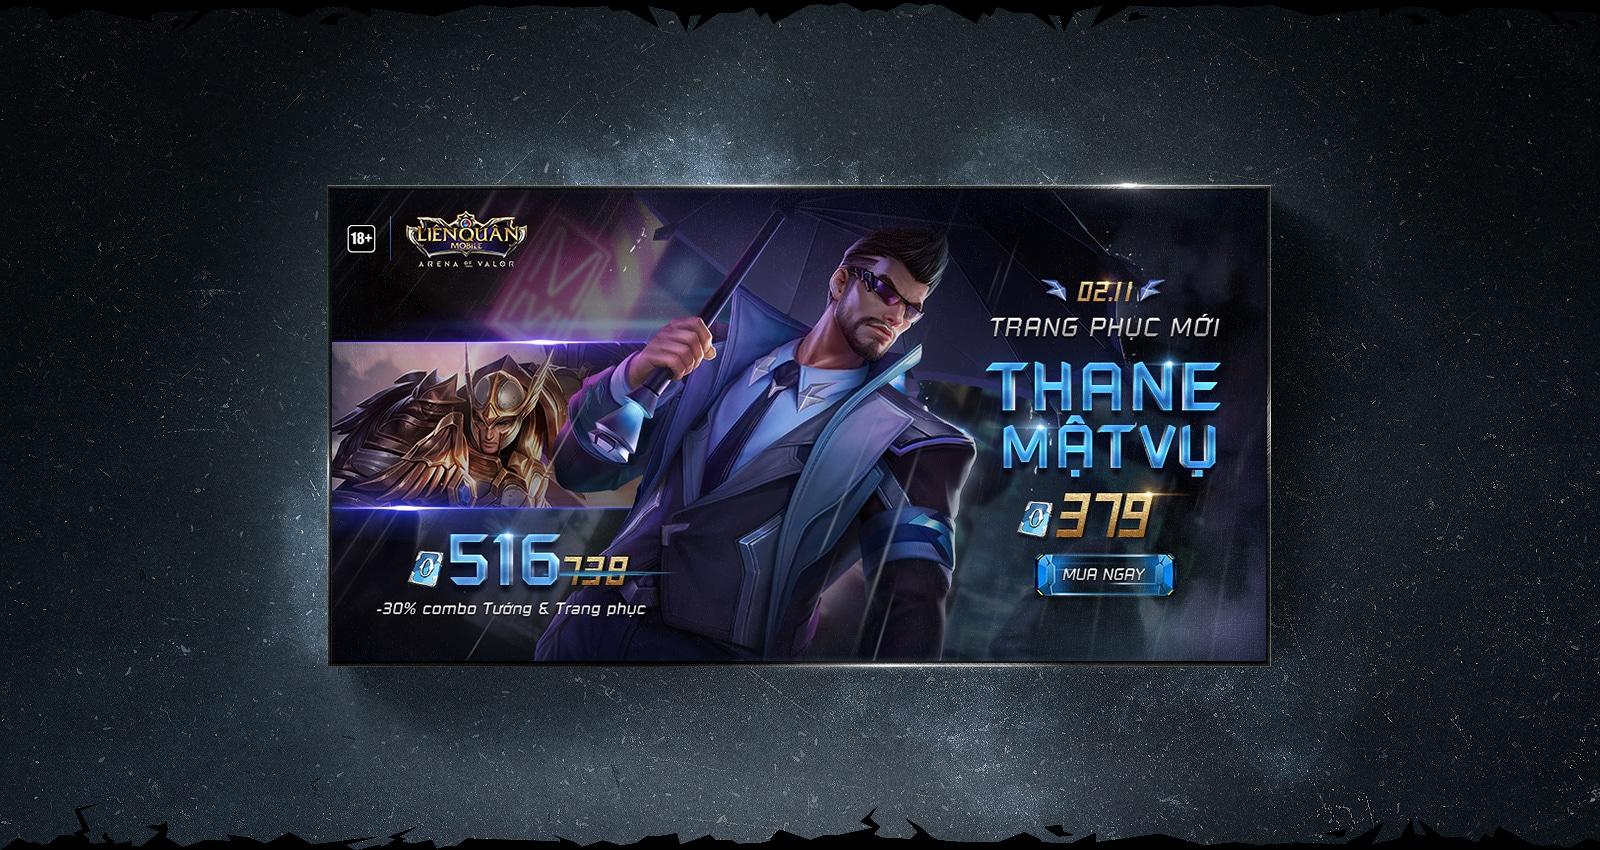 thiet ke banner flash 2d 001